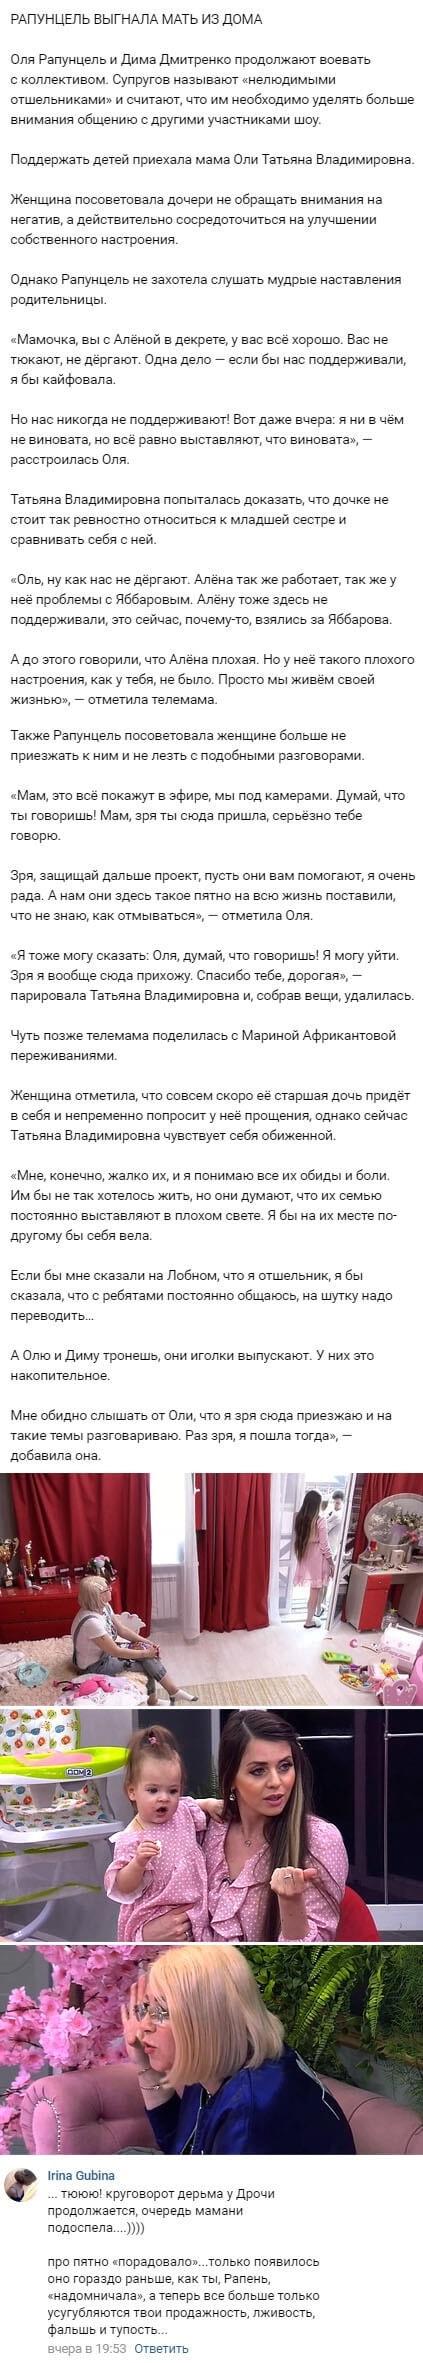 Ольга Рапунцель прогнала родную мать с проекта